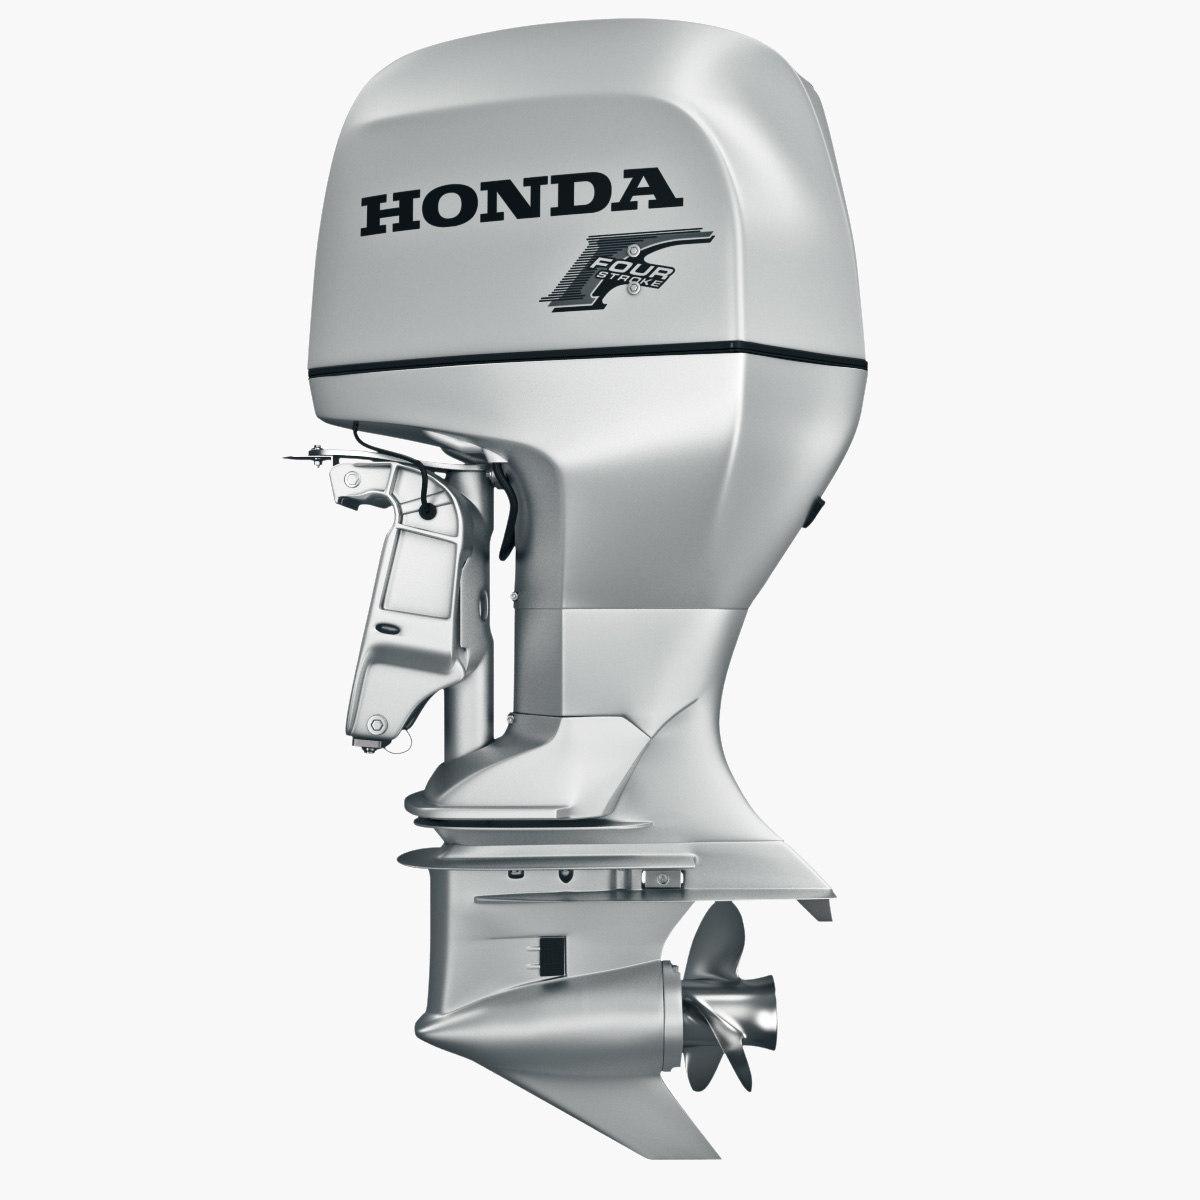 Engine_Honda_00003.jpg